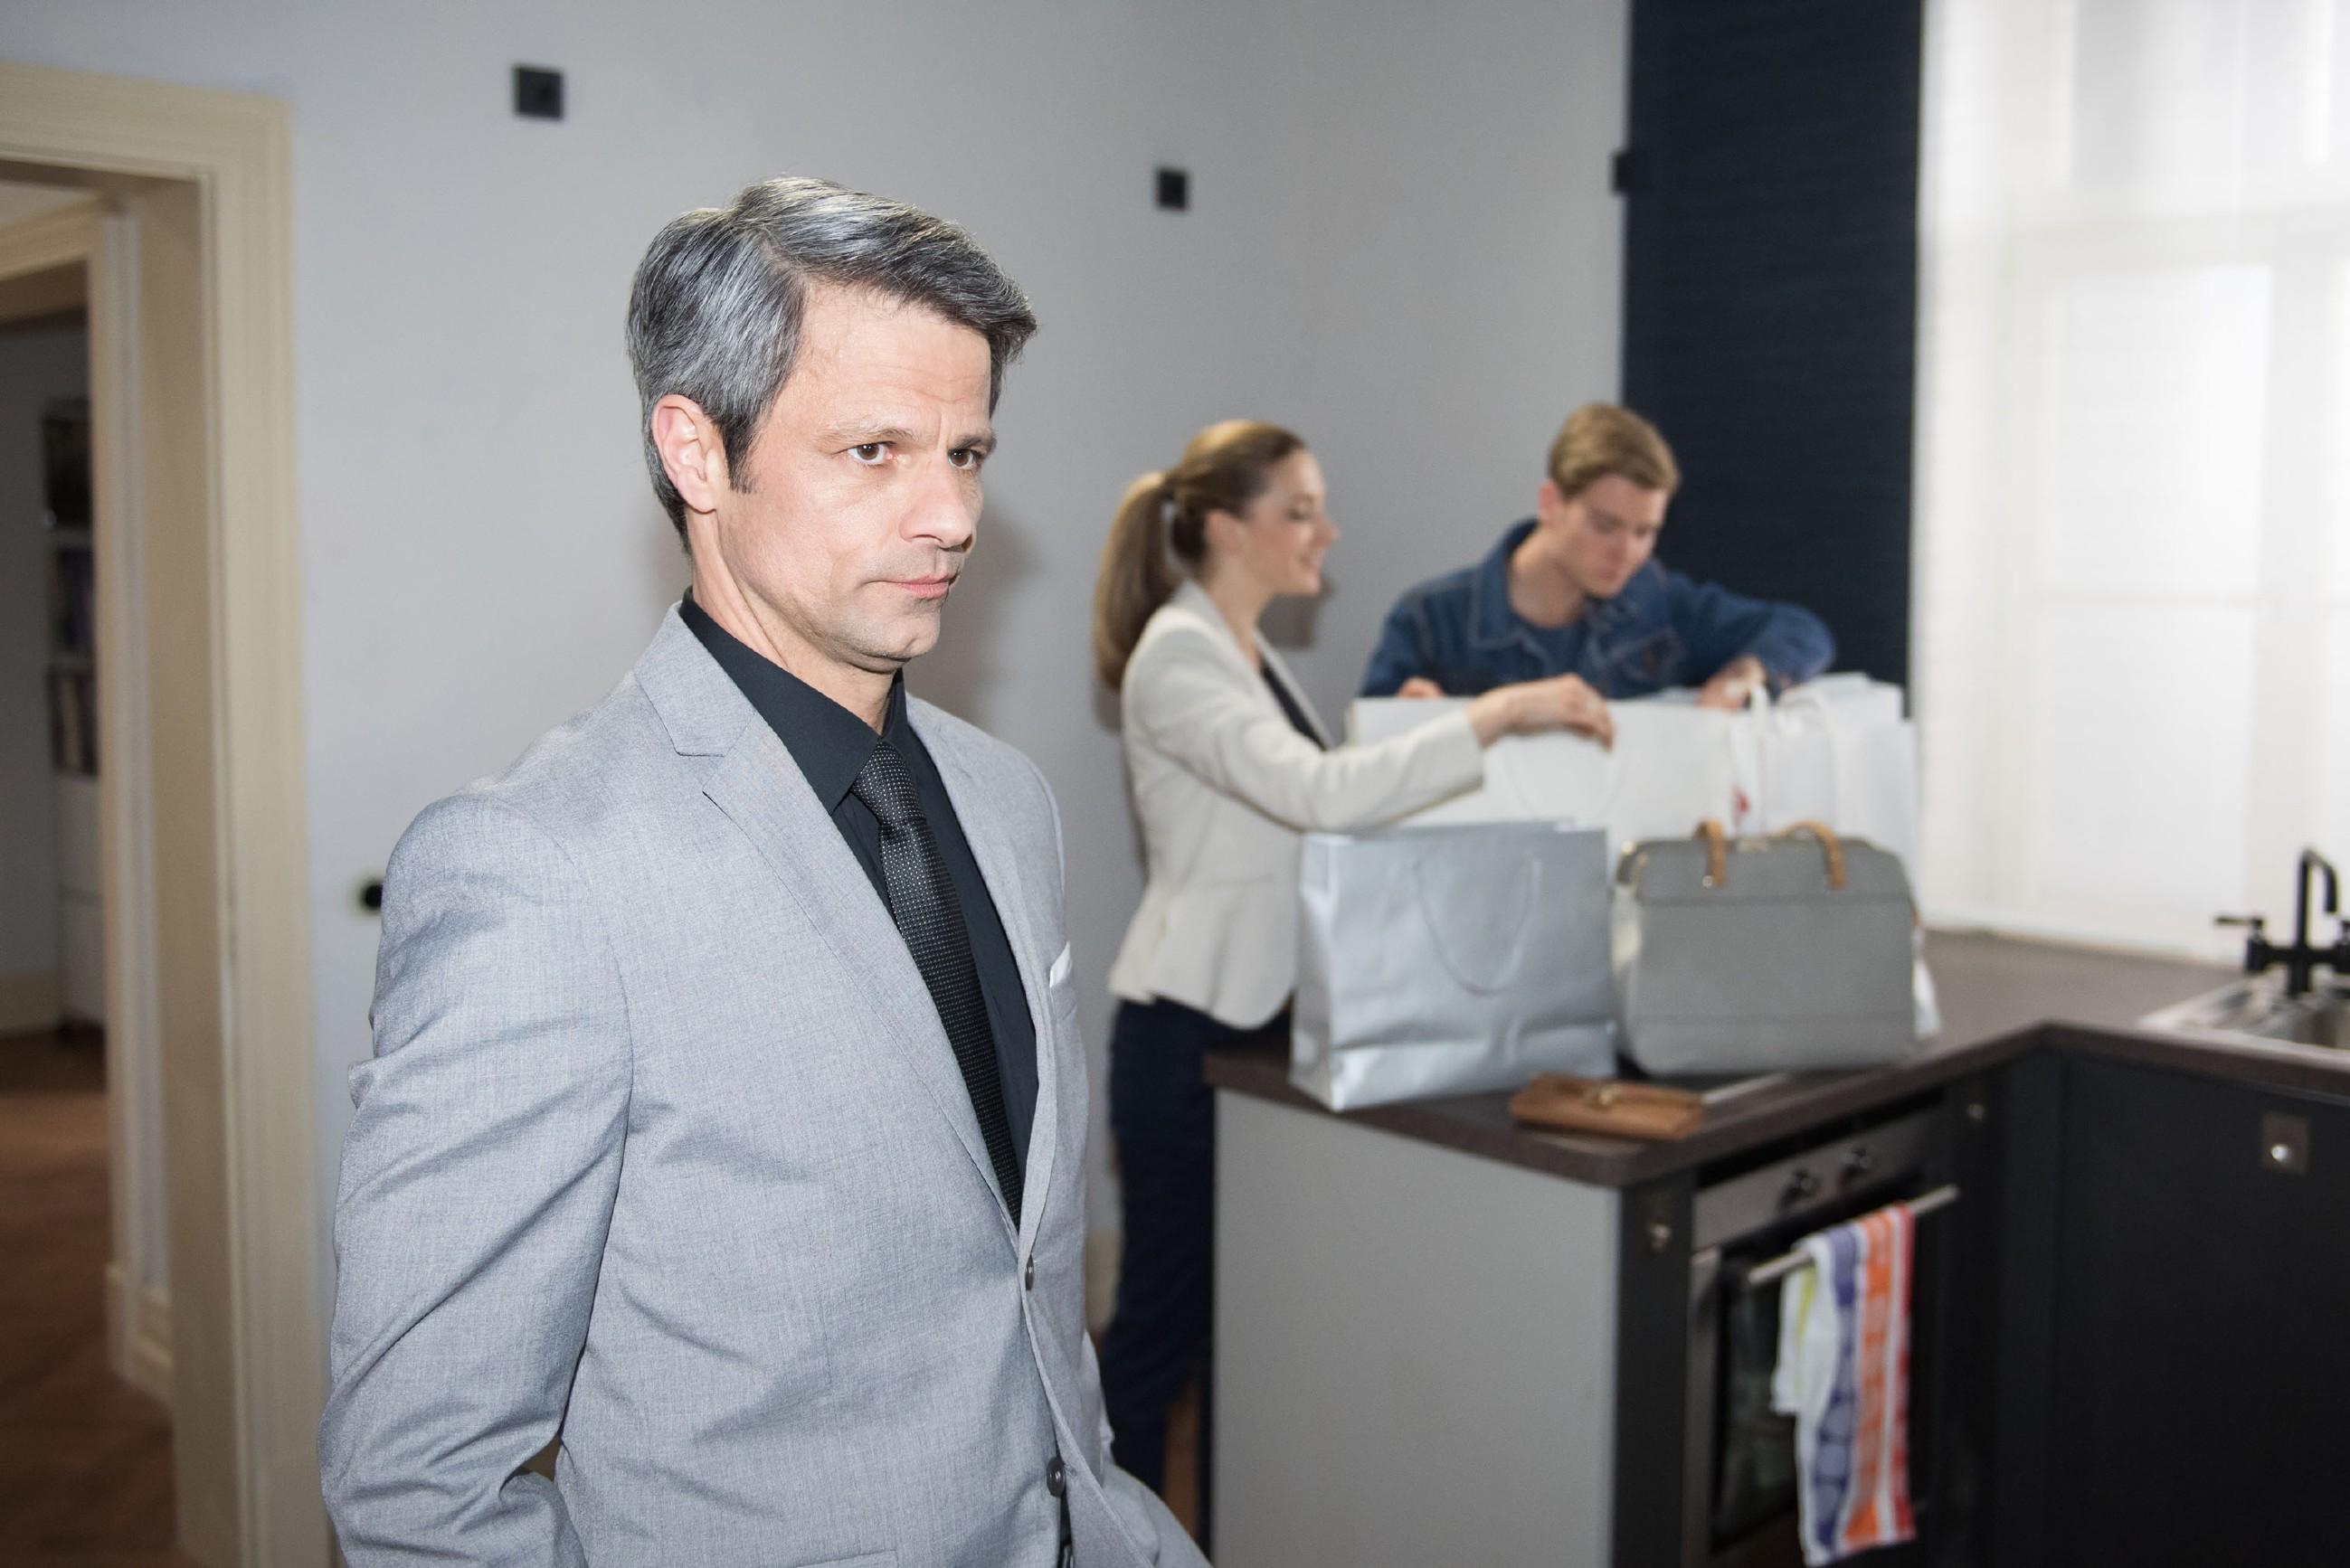 Benedikt (Jens Hajek, l.) steht weiter unter finanziellem Druck und versucht seine Probleme vor Andrea (Kristin Meyer) und Valentin (Aaron Koszuta) zu verheimlichen. (Quelle RTL / Stefan Behrens)